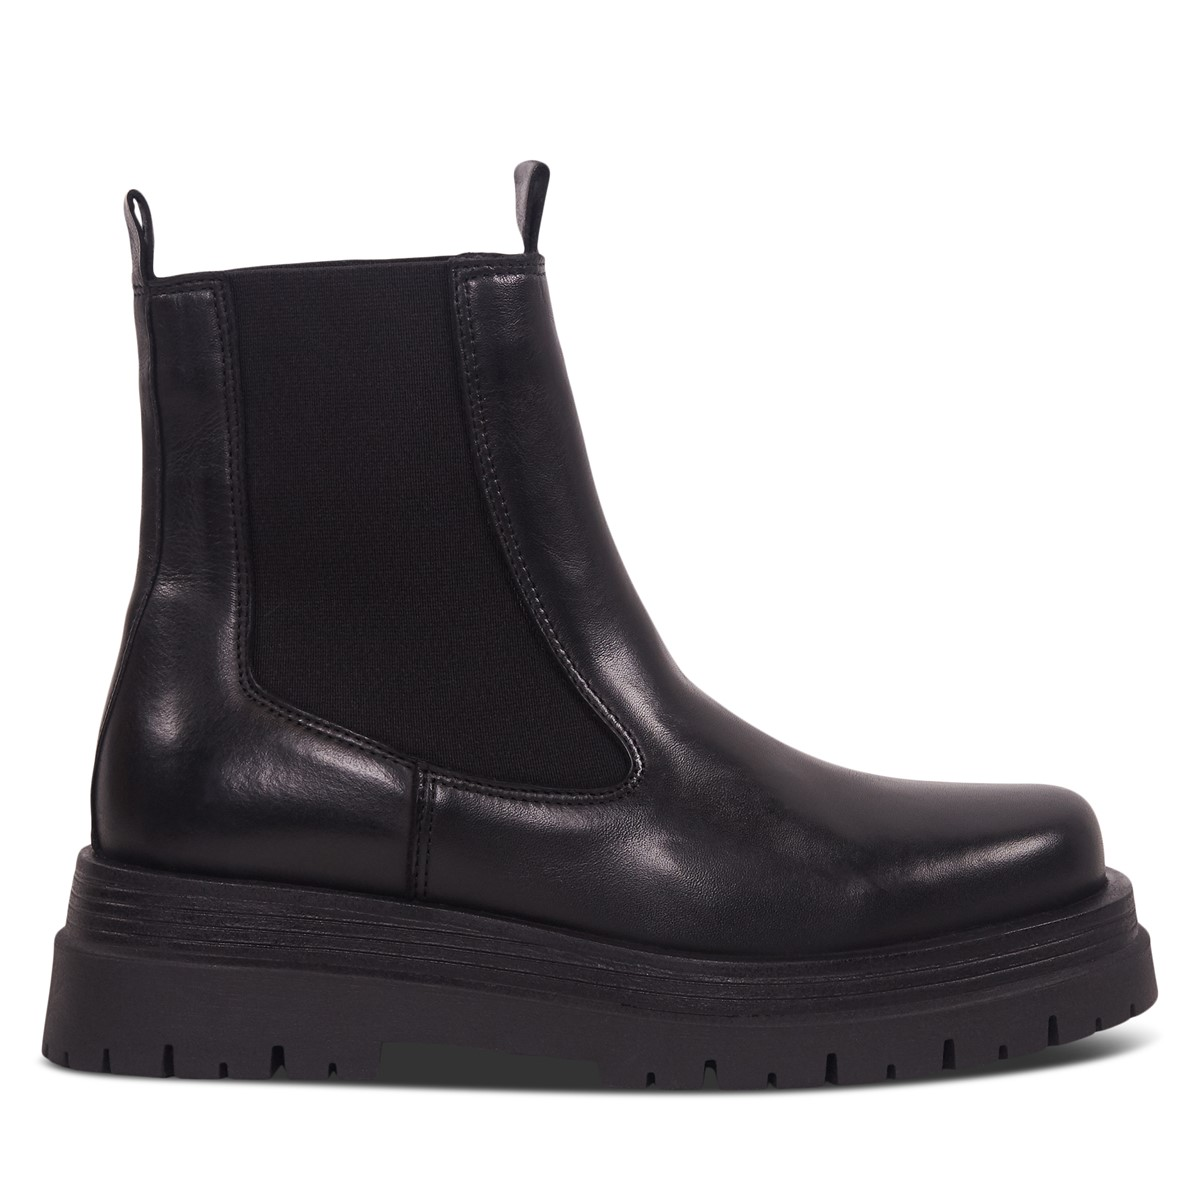 Women's Ren Platform Chelsea Boots in Black